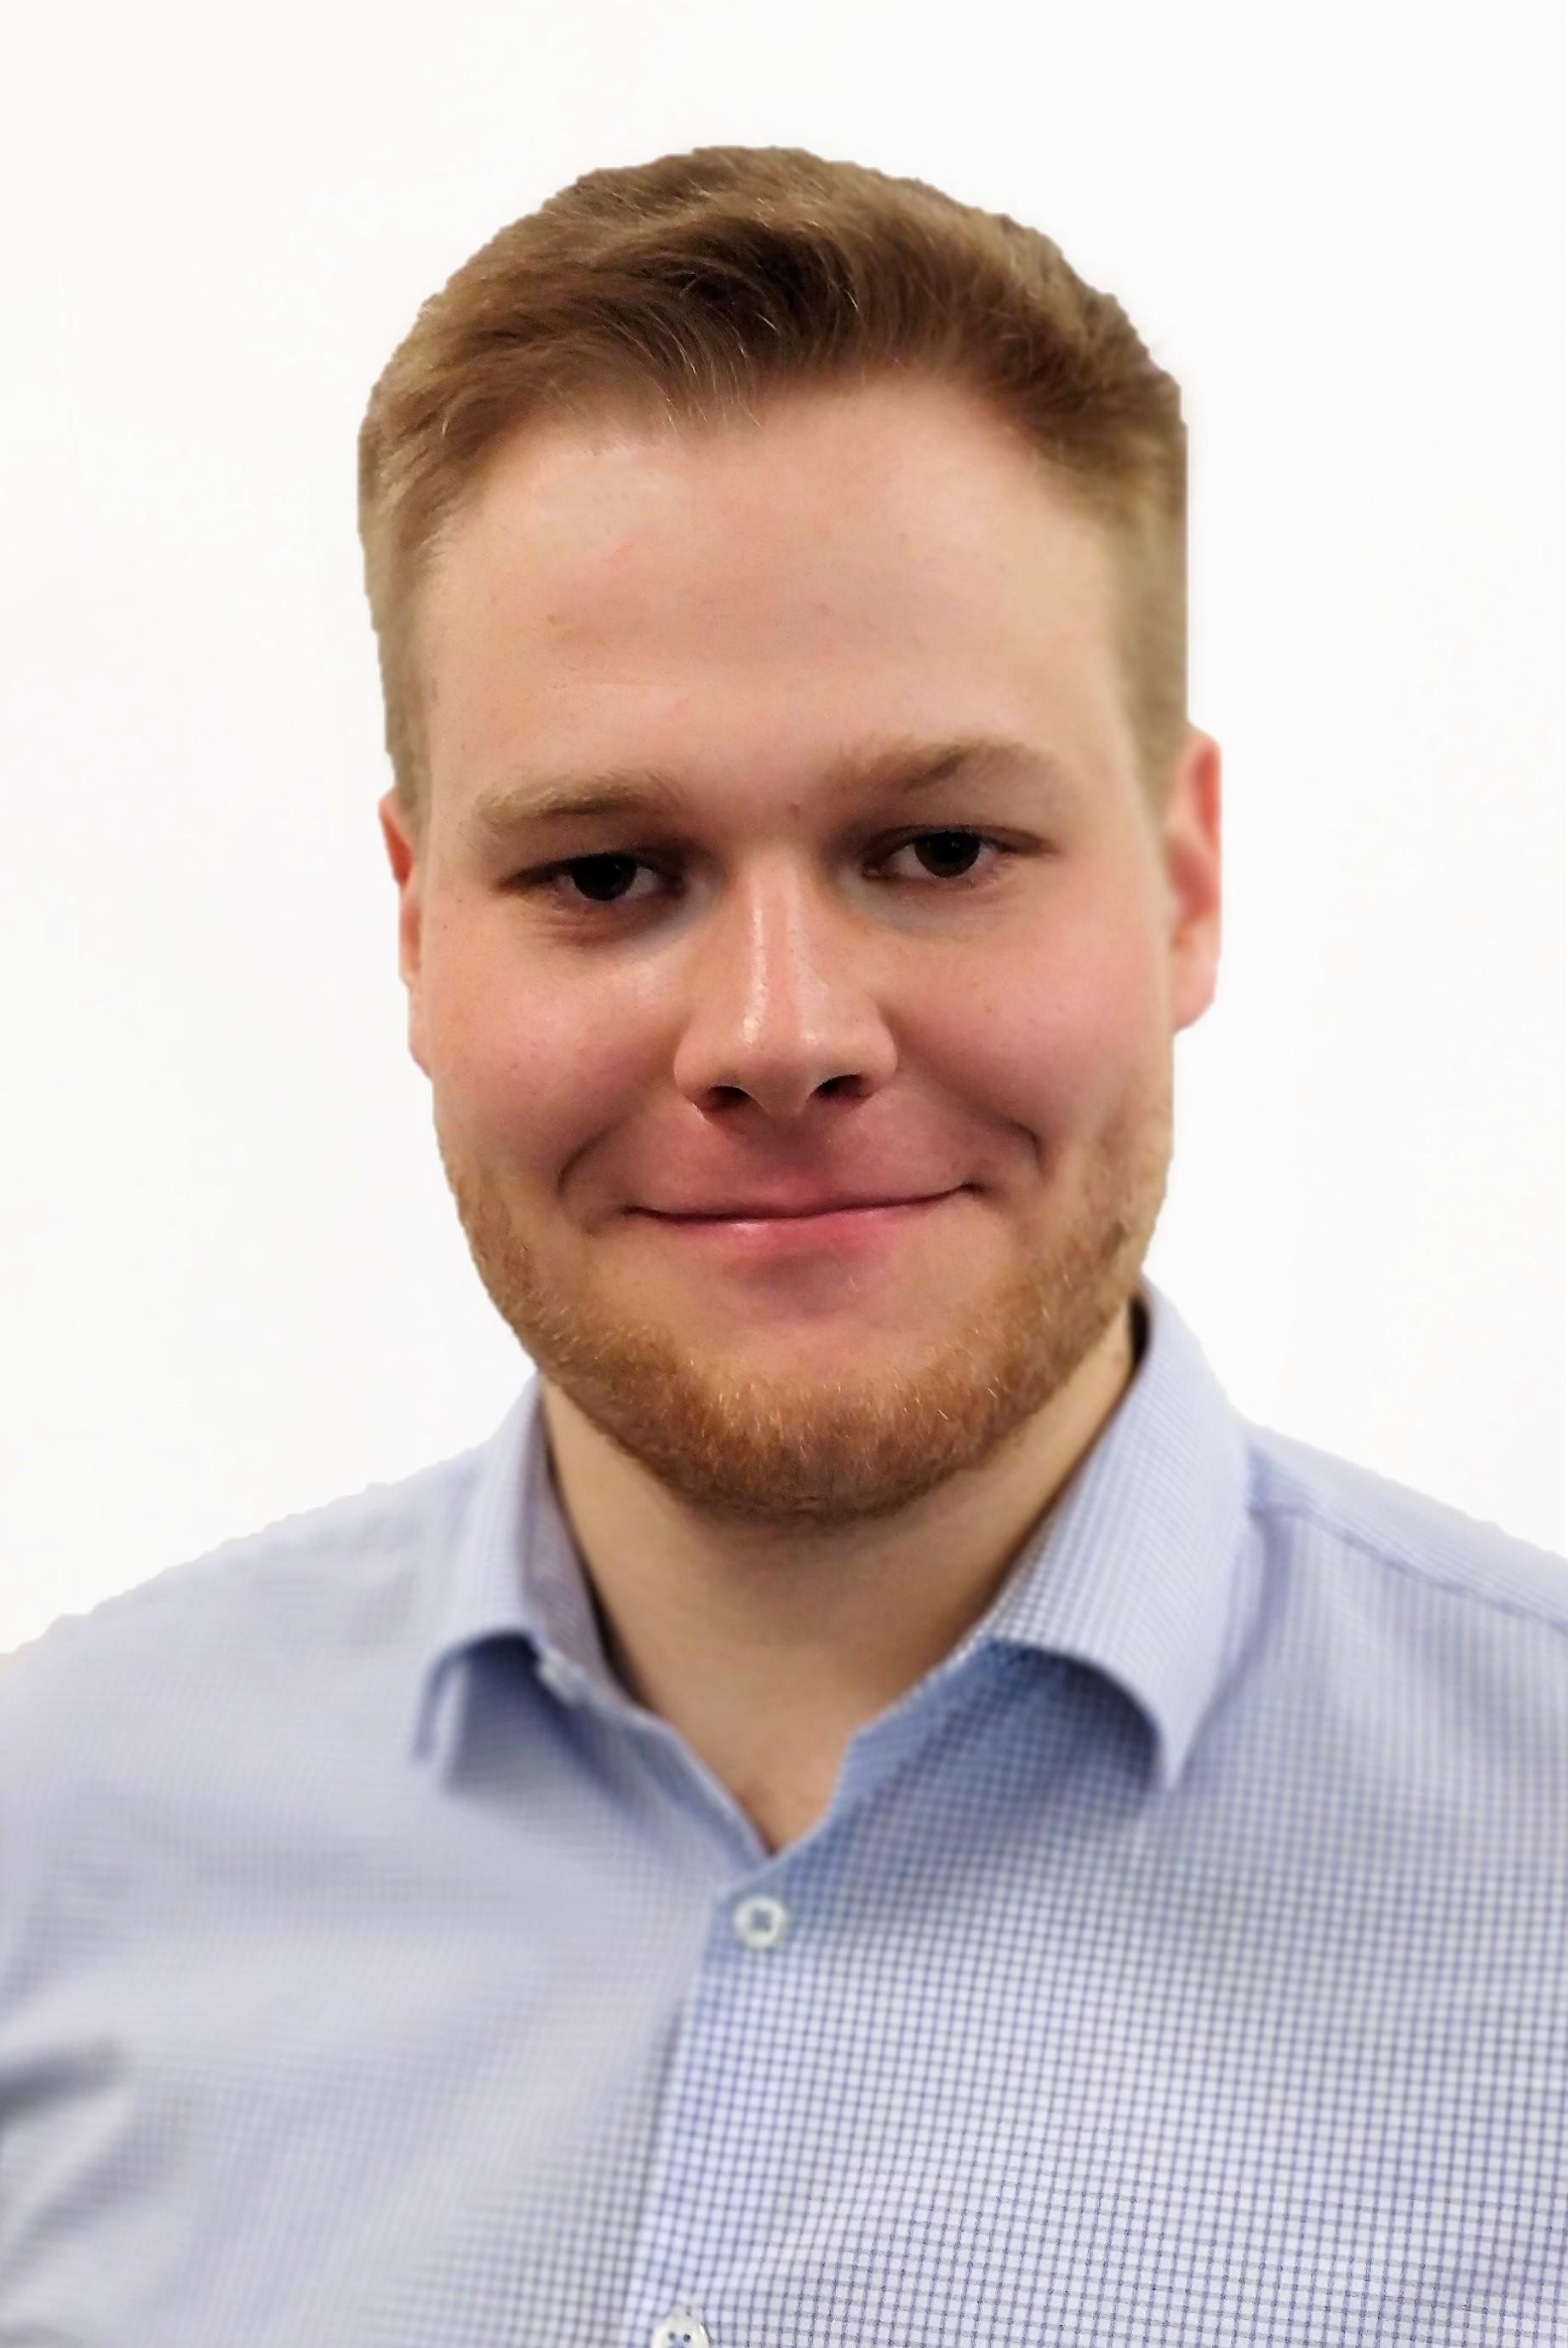 Jonas Stein